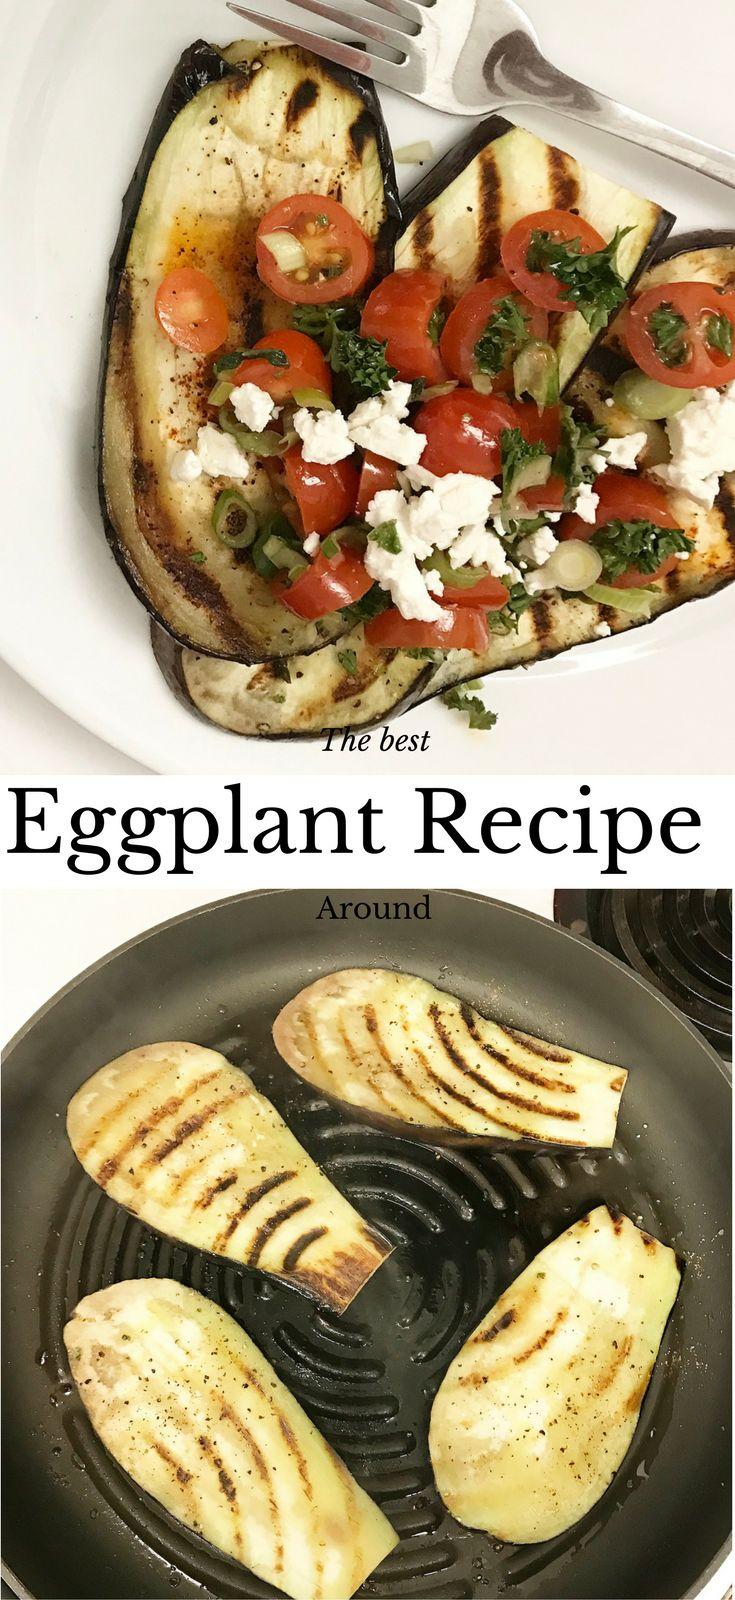 The Best Eggplant Recipe Around via @spoonsstilettos